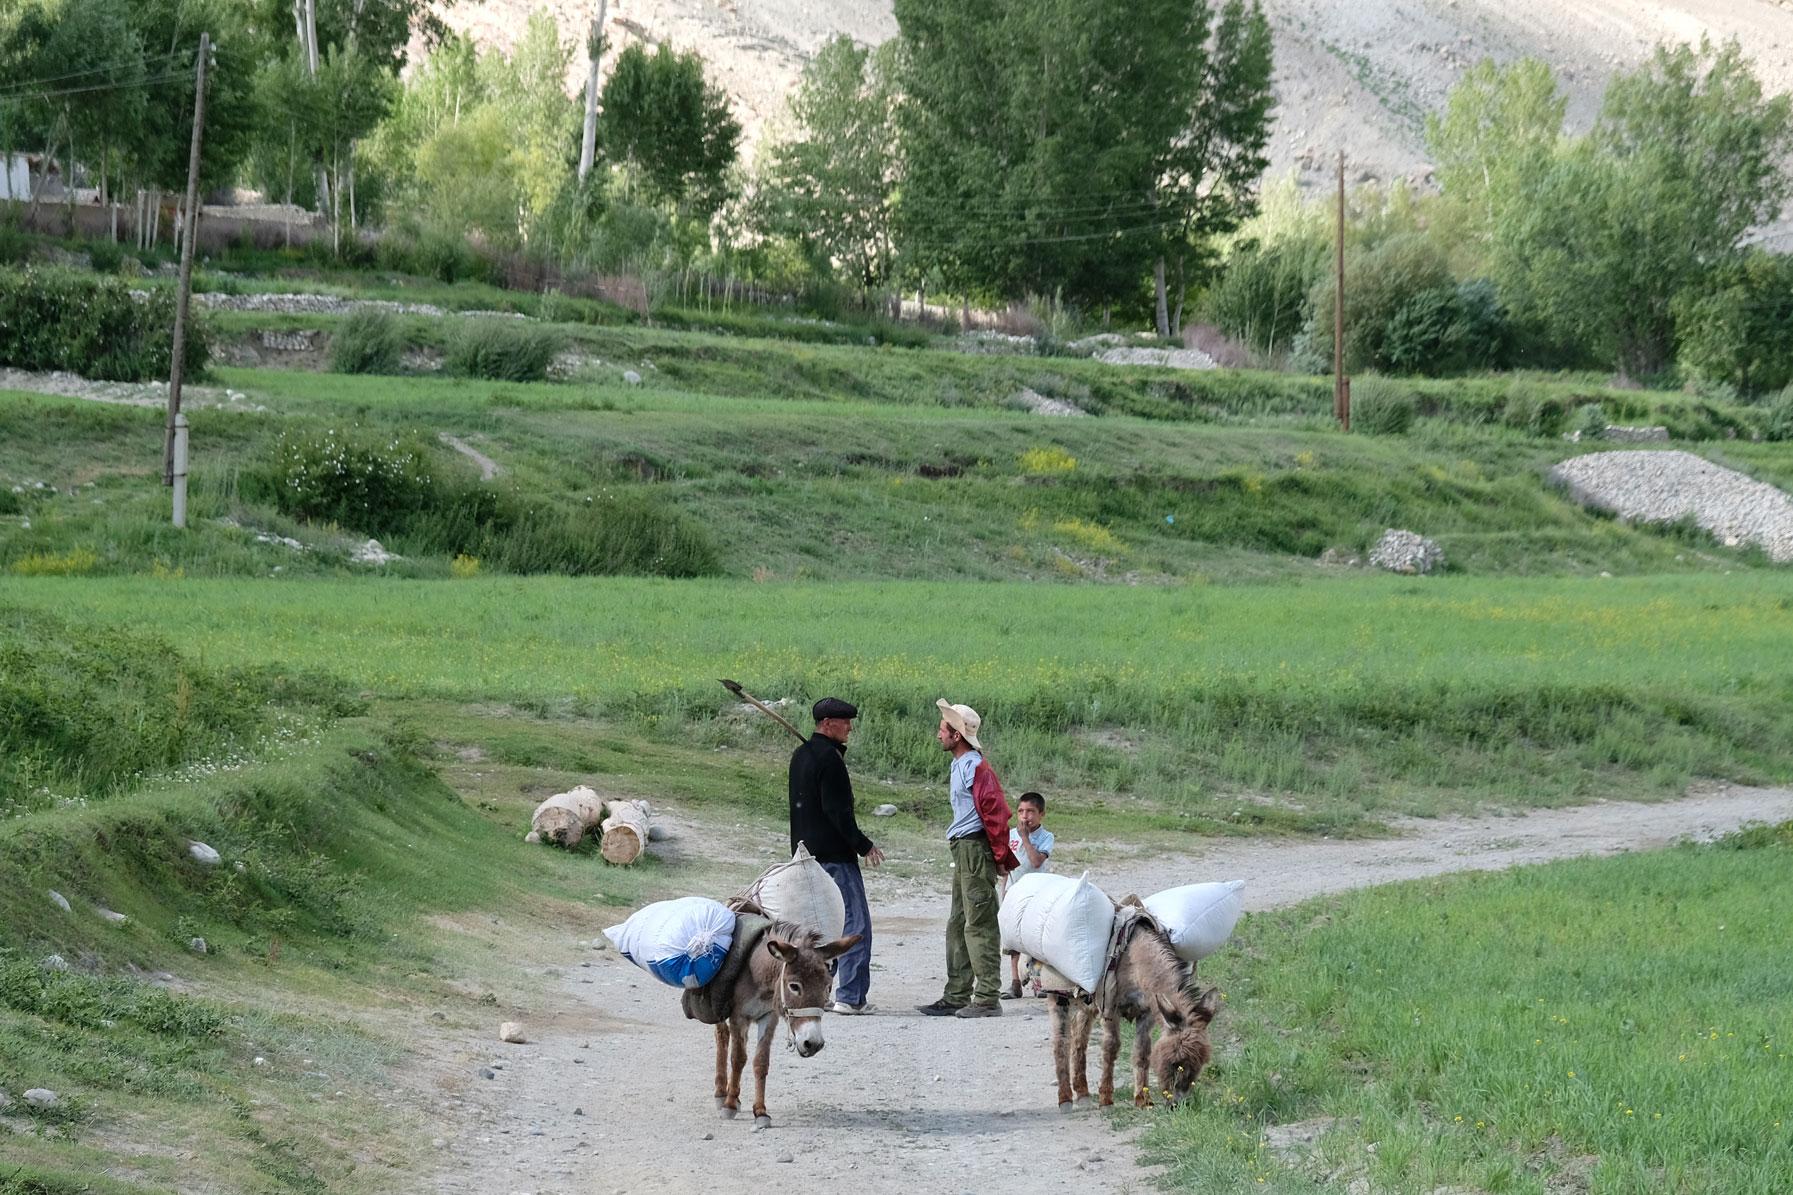 Zwei Esel transportieren Säcke. Zwei Männer unterhalten sich.